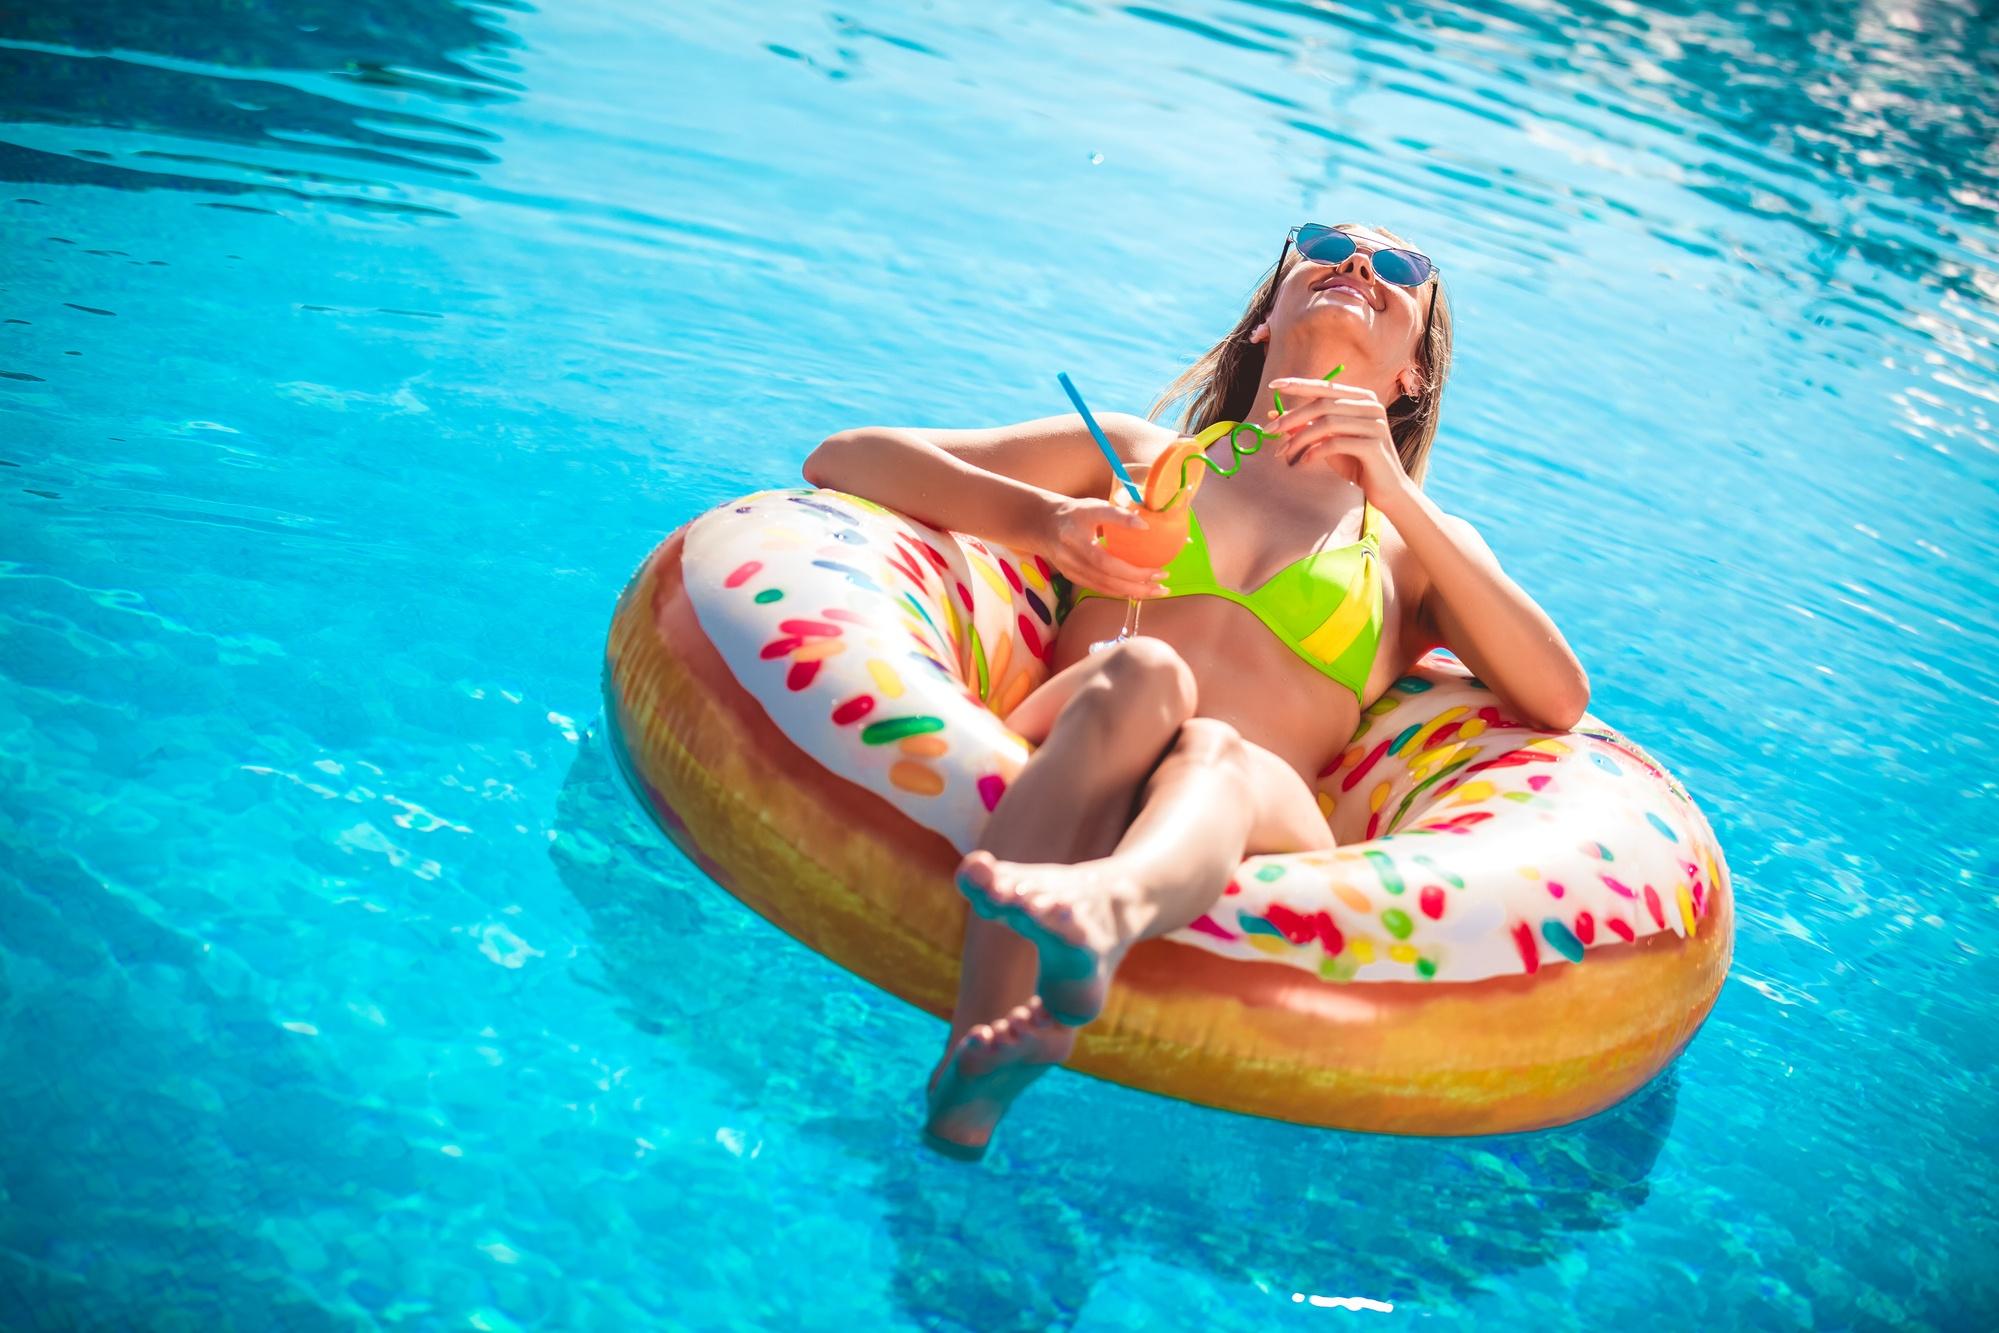 Enjoying suntan Woman in bikini